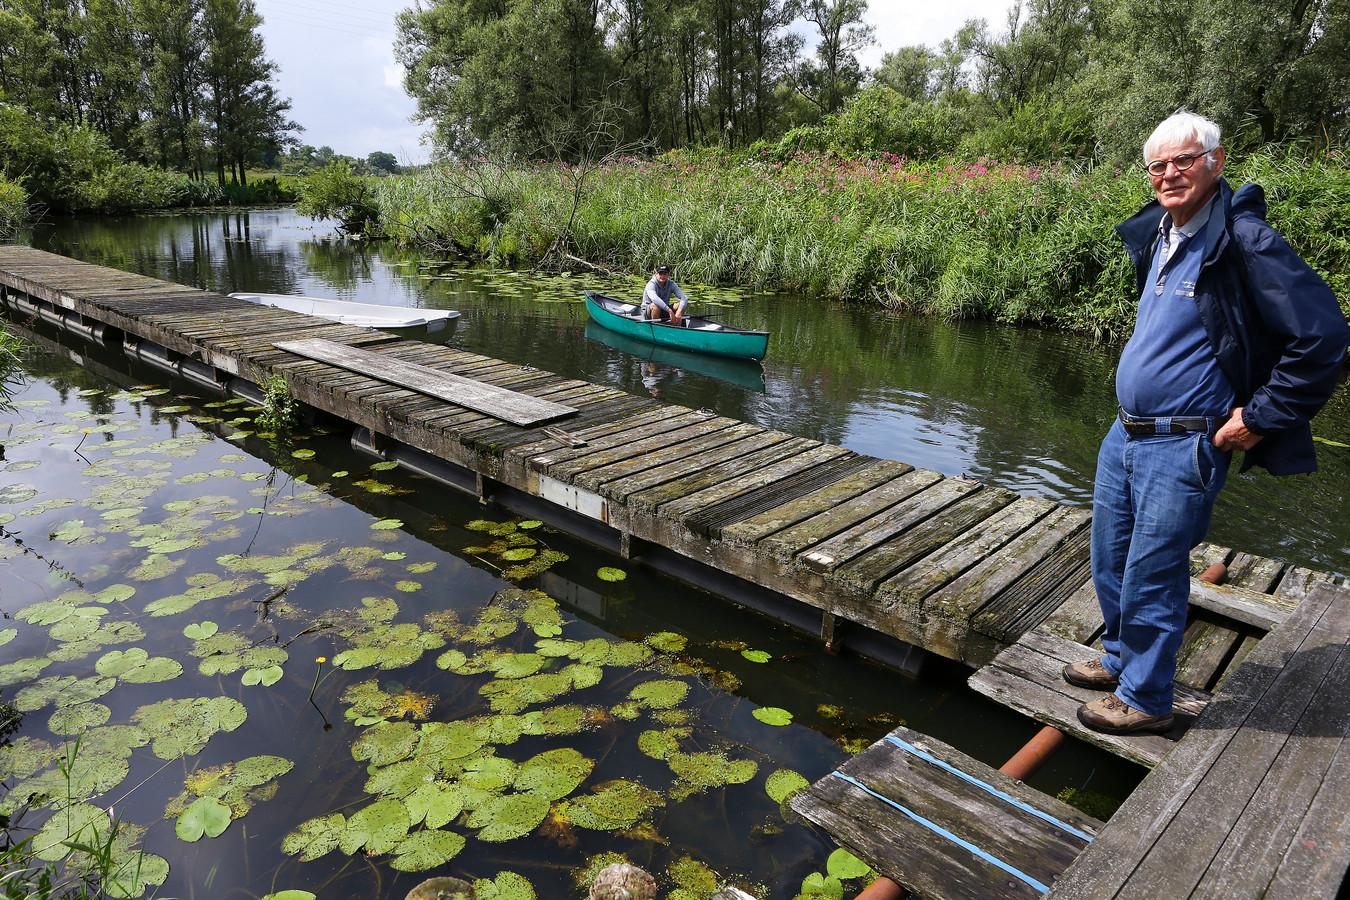 Rinus Rasenberg en acteur Teun Ridden in de kano, op de plek in de Biesbosch waar de voorstellingen plaatsvinden.